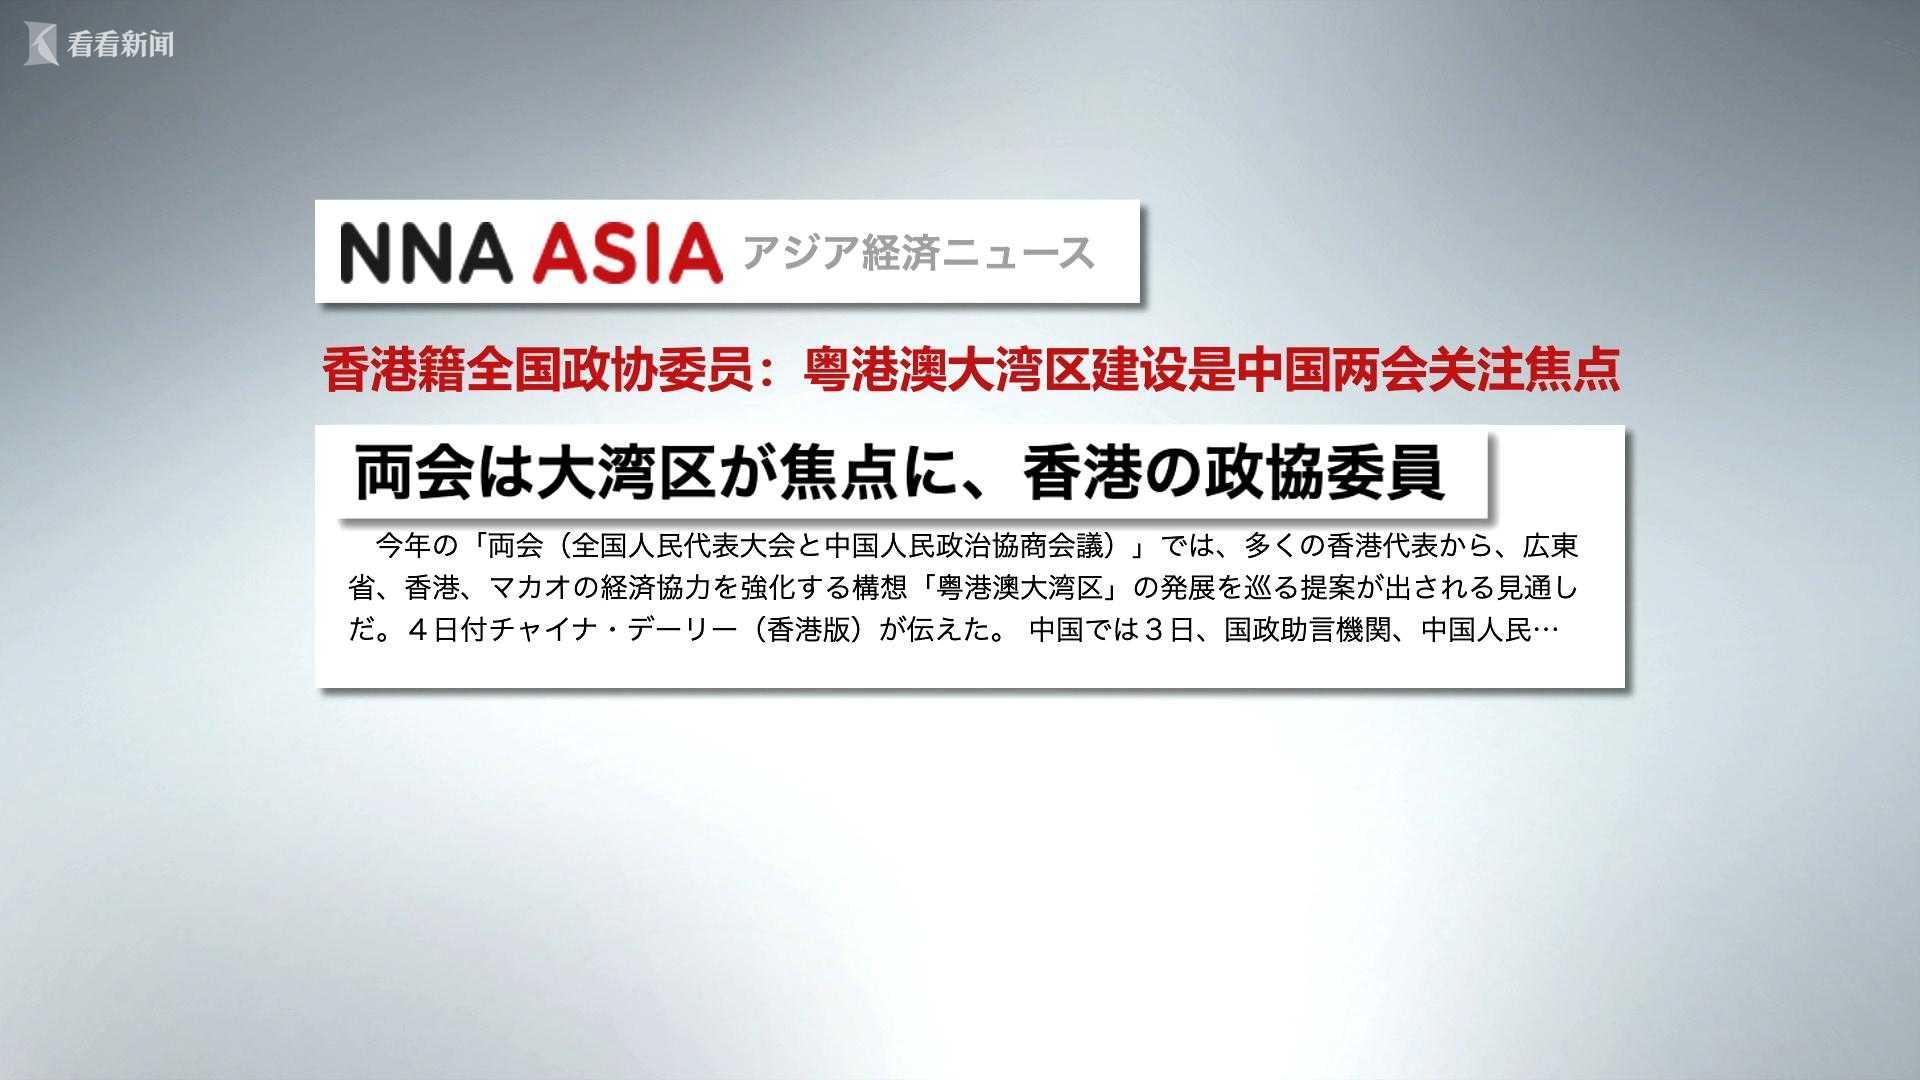 亚洲经济新闻N.jpg